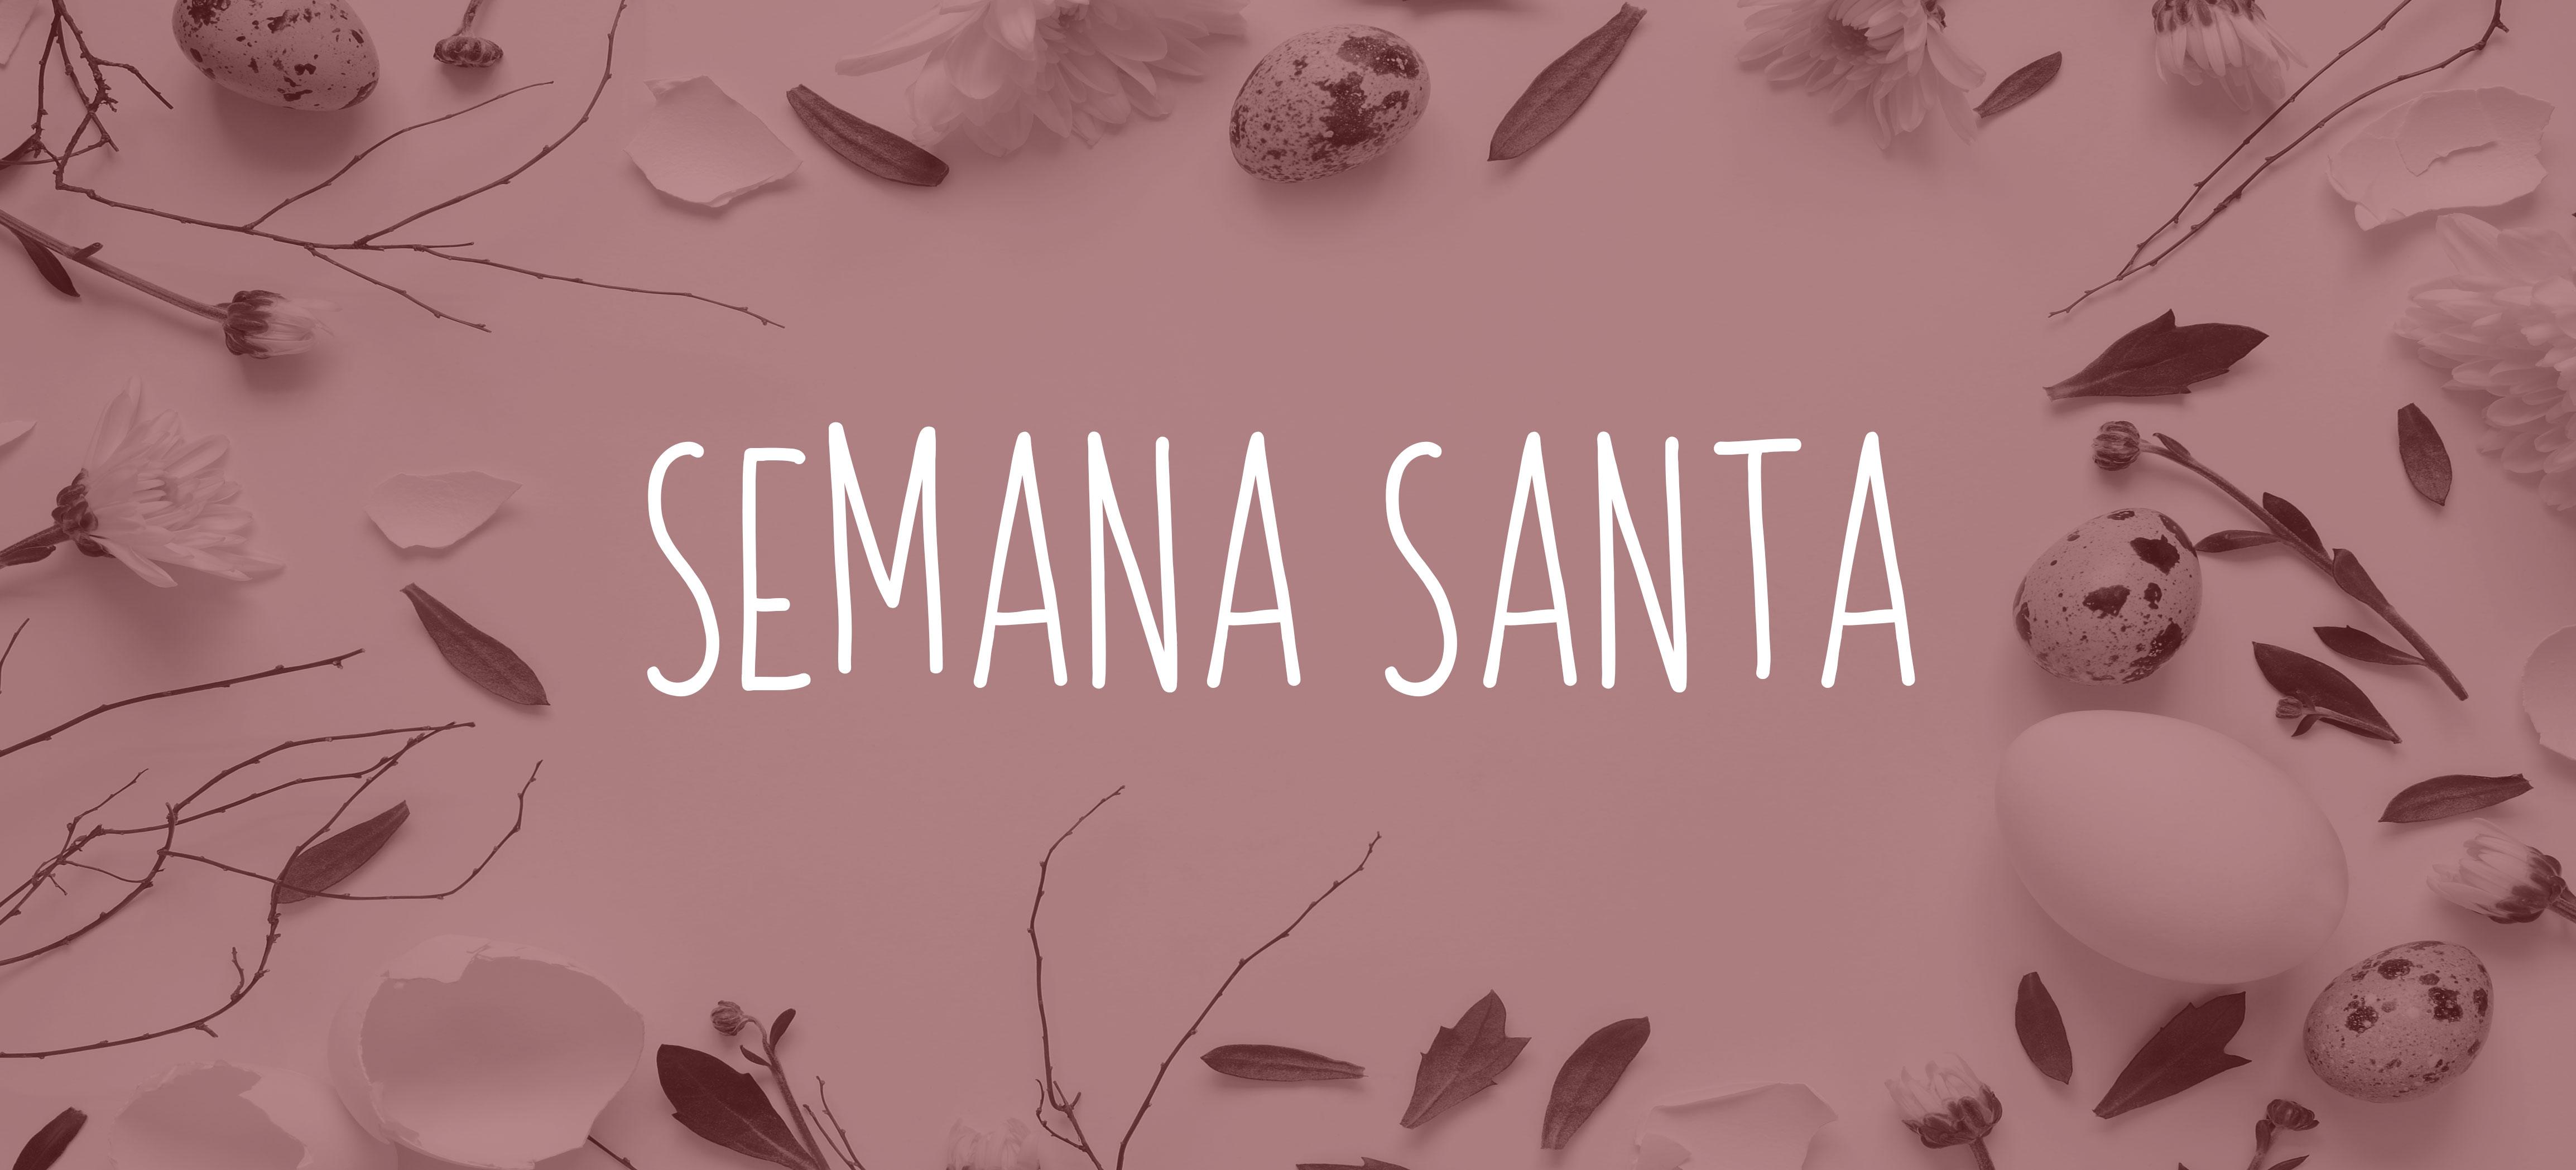 En Semana Santa toca escaparse: 5 chollos irresistibles